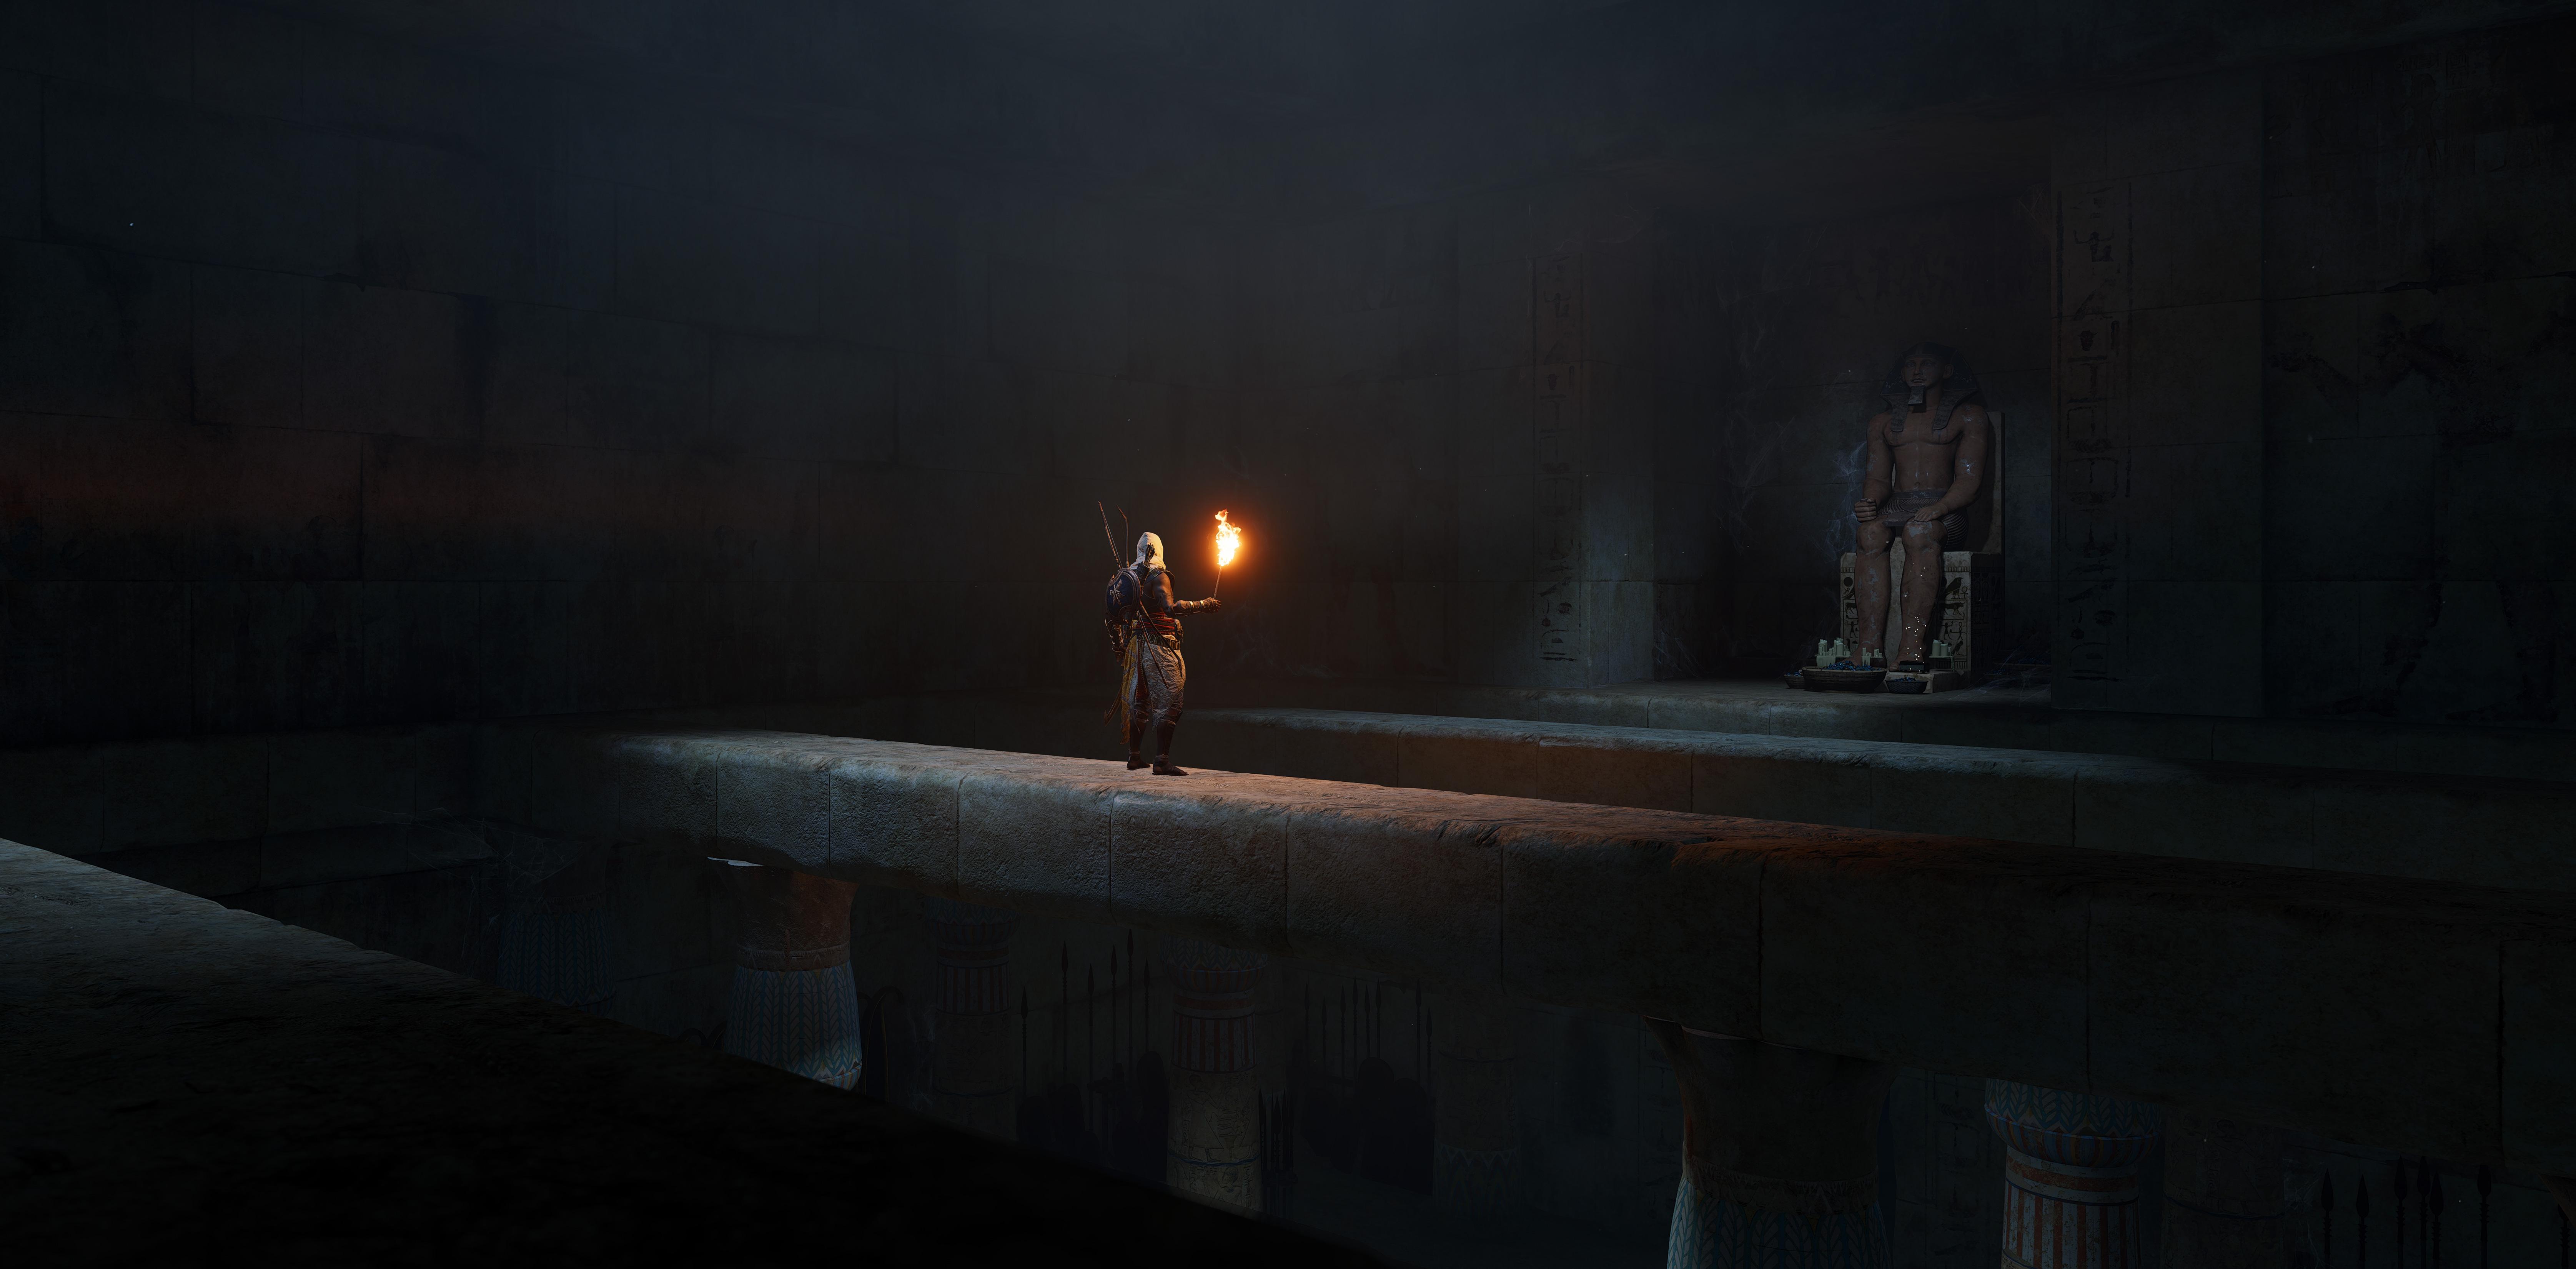 2018 Assassins Creed Origins 4k Hd Games 4k Wallpapers: 5k Assassins Creed Origins, HD Games, 4k Wallpapers